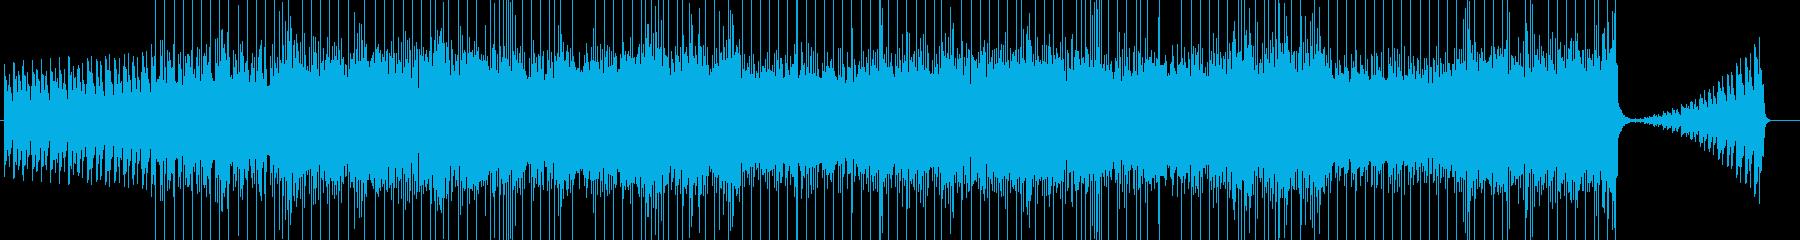 ホラー、パワー、ハードロックBGM276の再生済みの波形